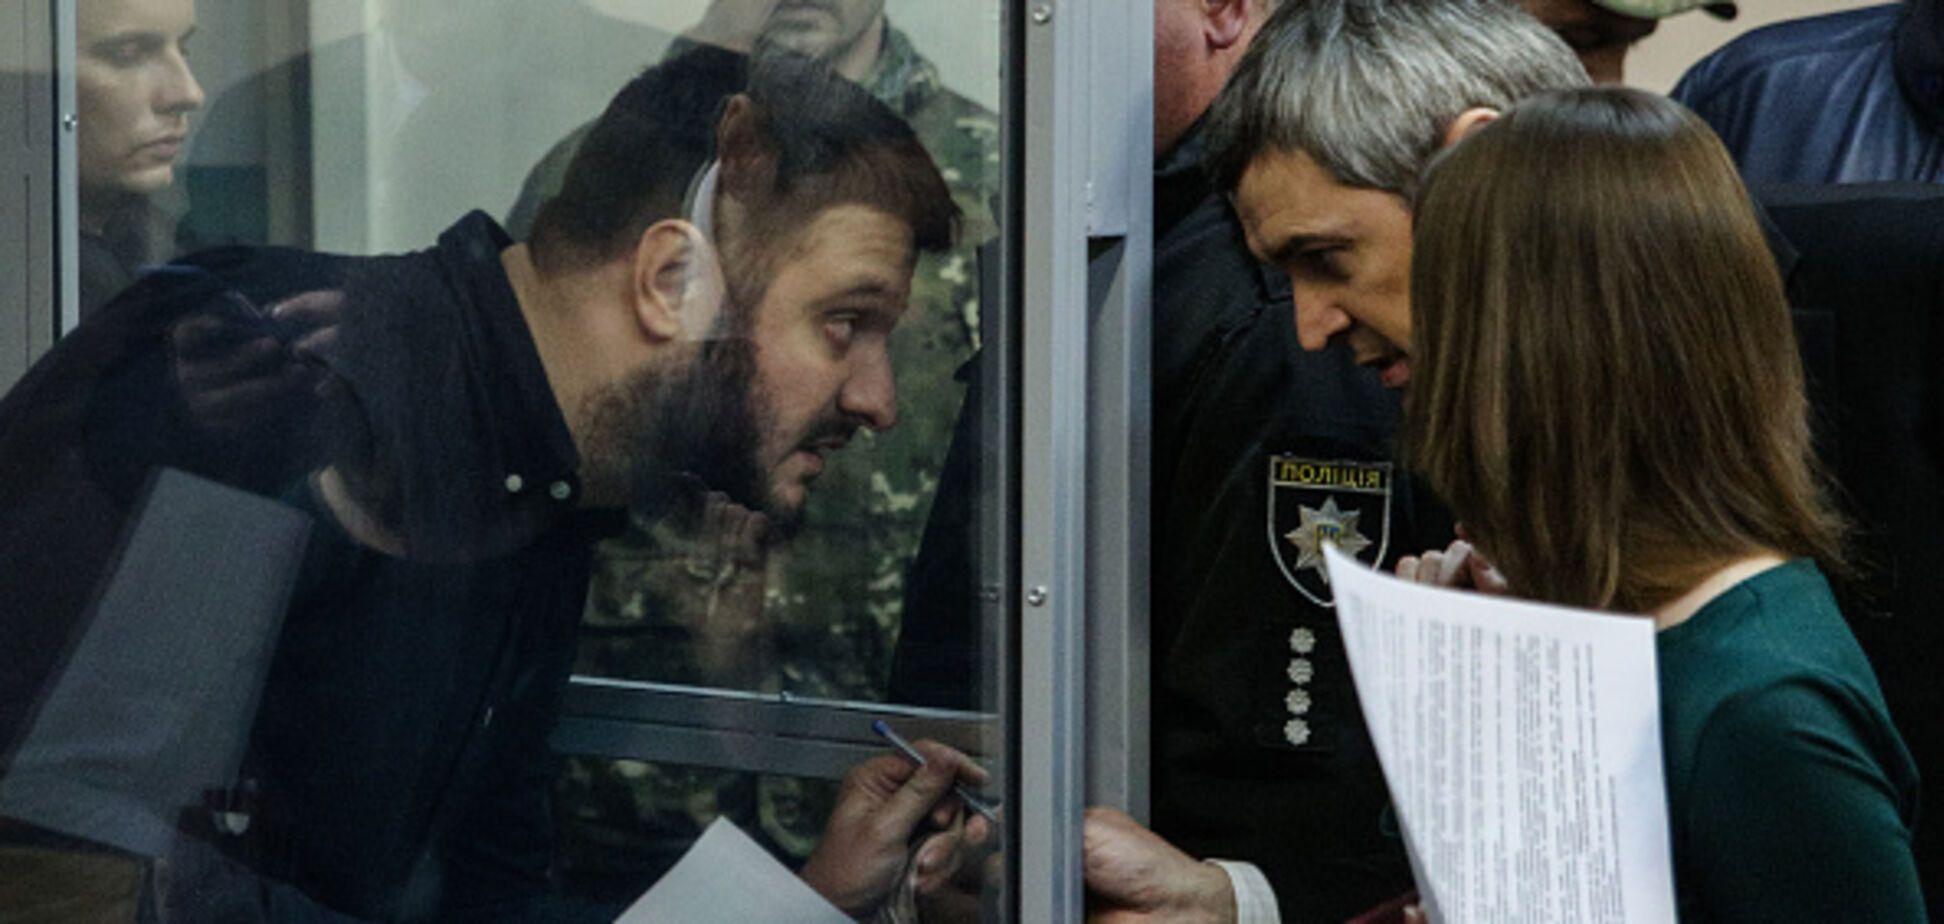 Глава НАБУ: рюкзаки Авакова изготовлялись 'кустарным путем', часть - в тюрьме